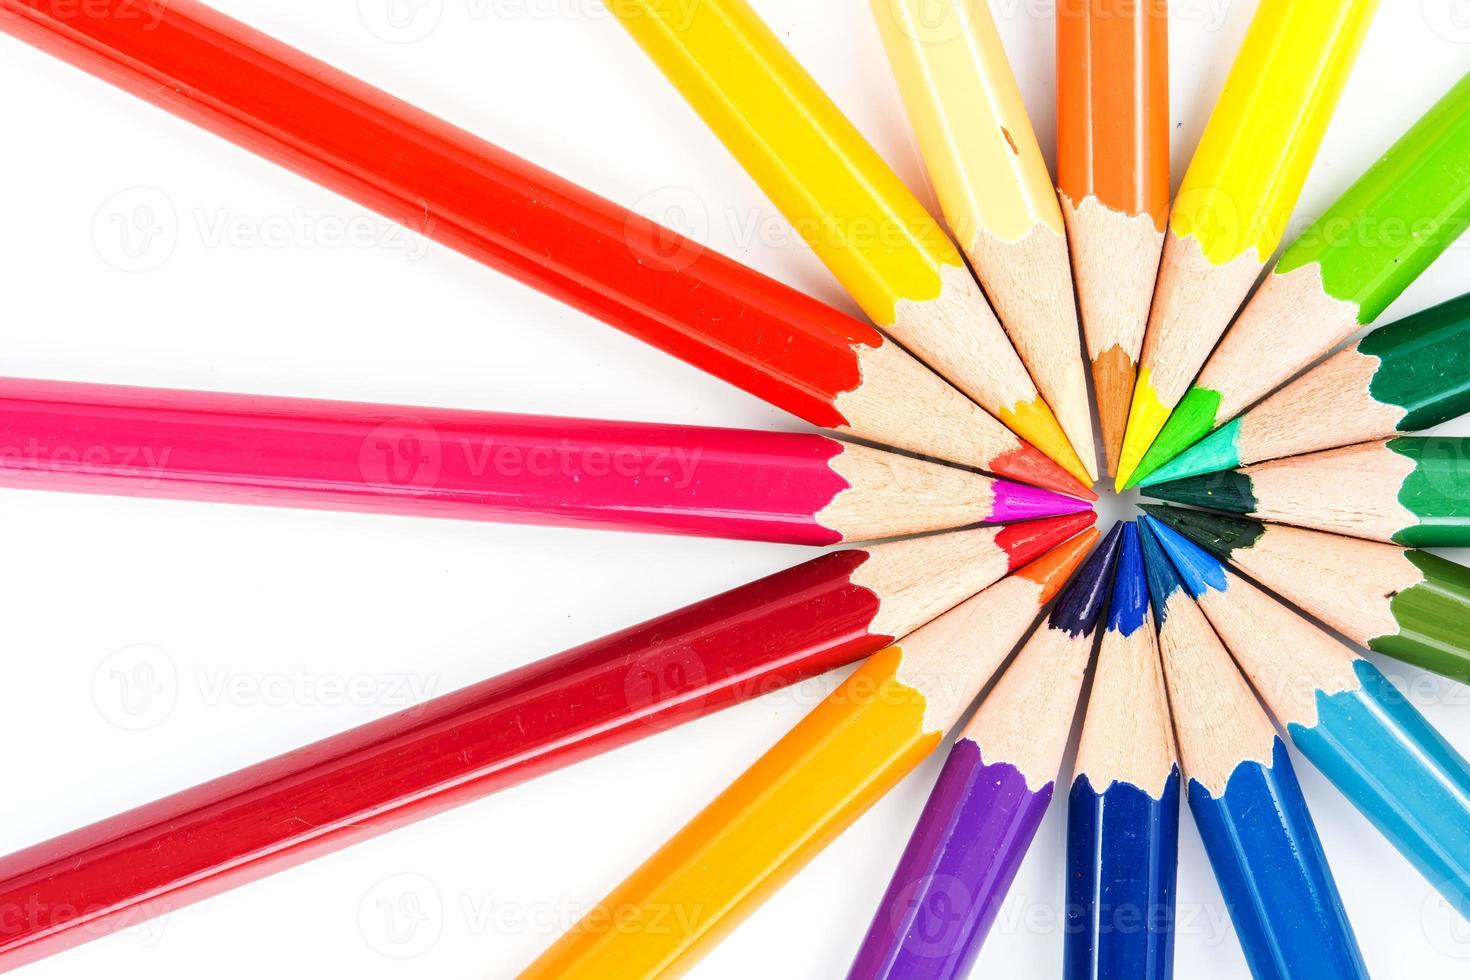 vicino matite colorate foto